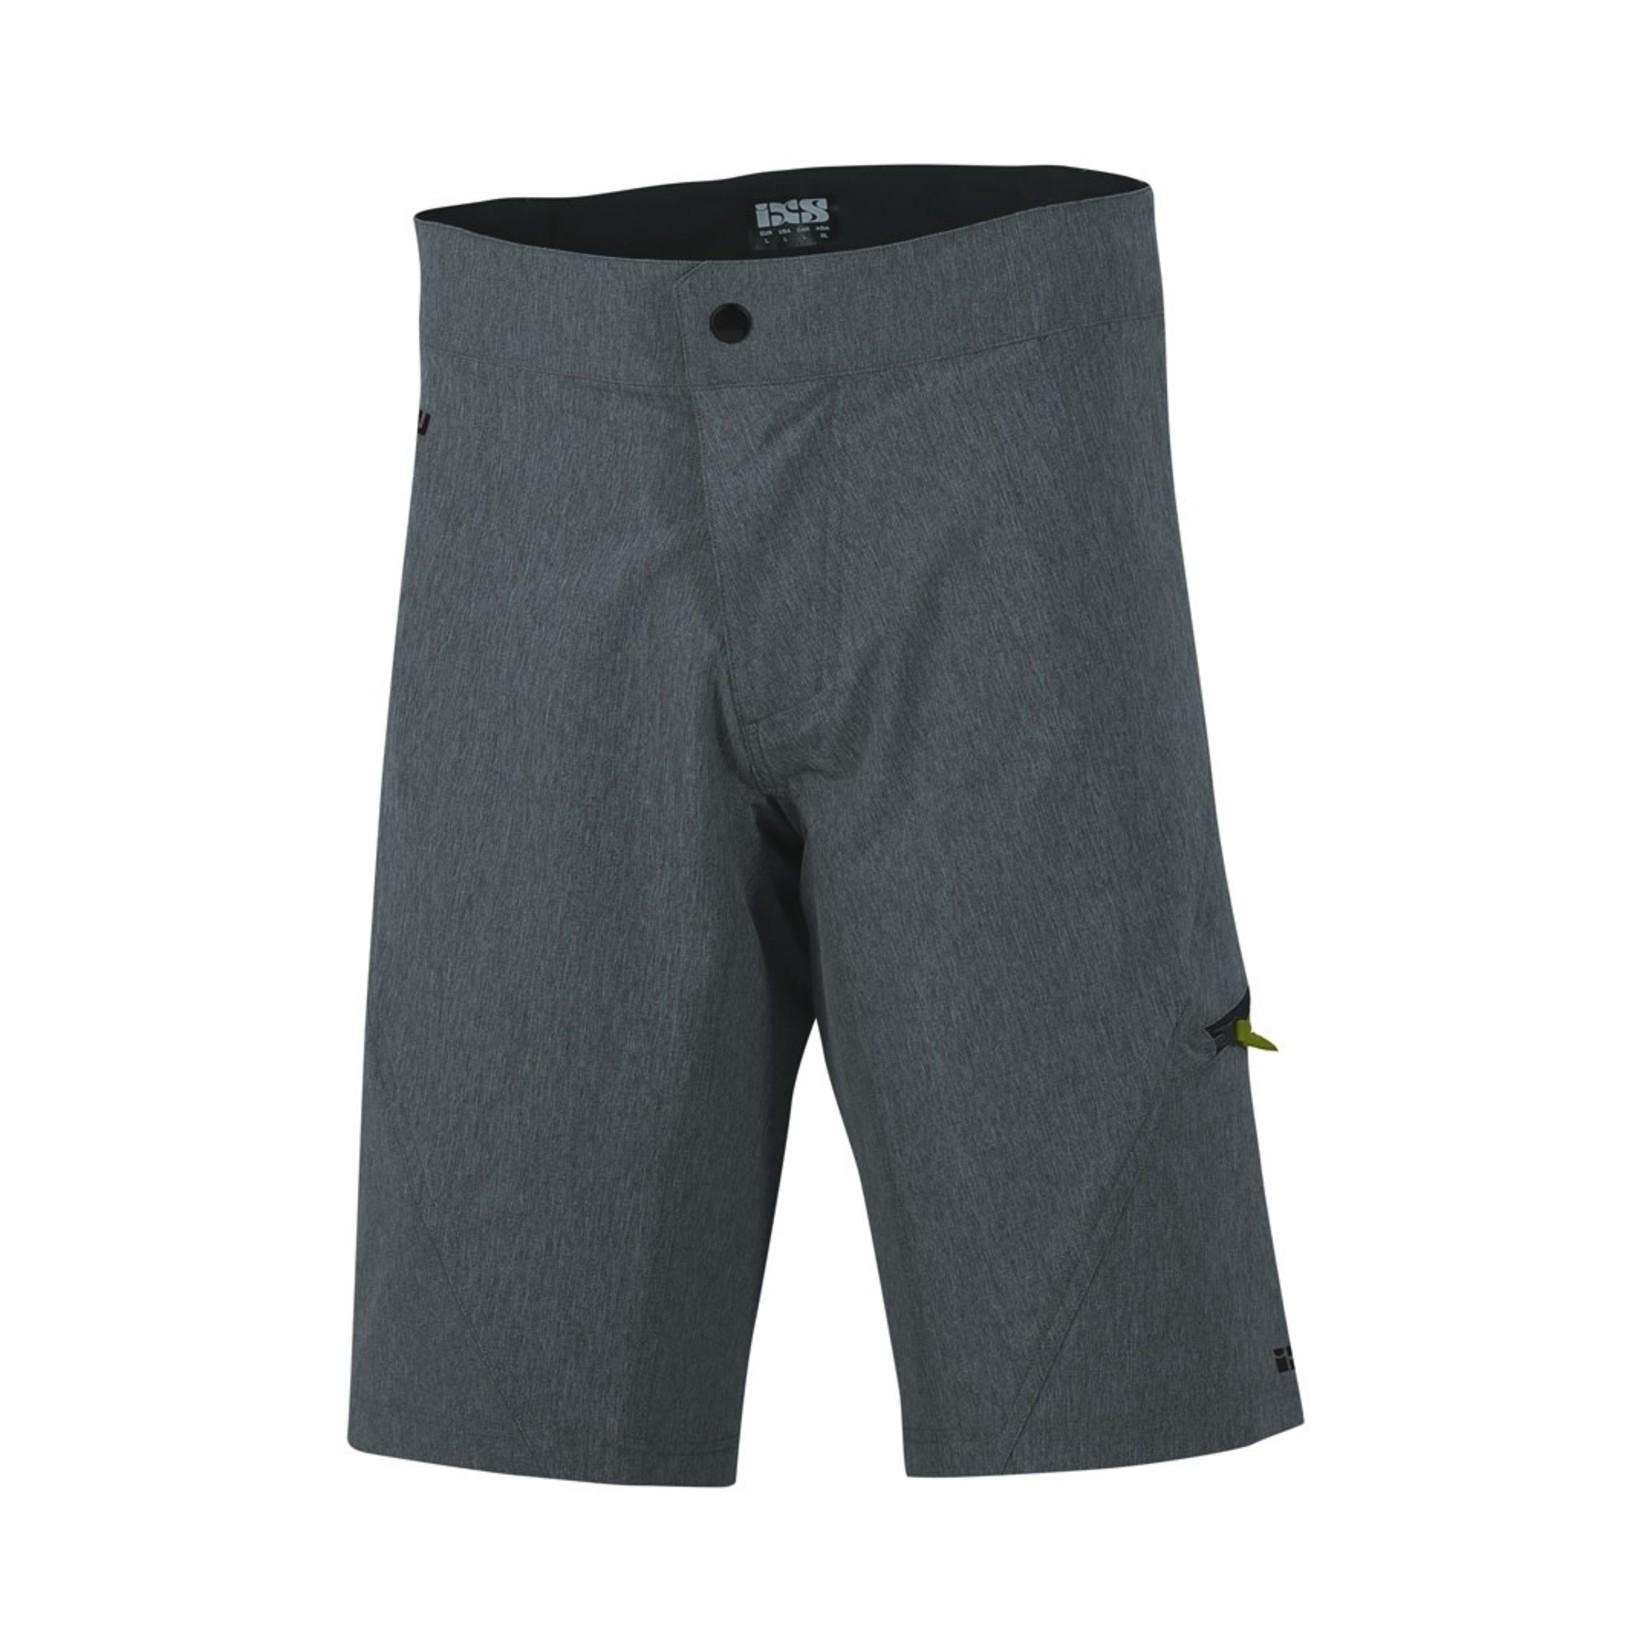 IXS IXS Men Flow Shorts Graphite (M)